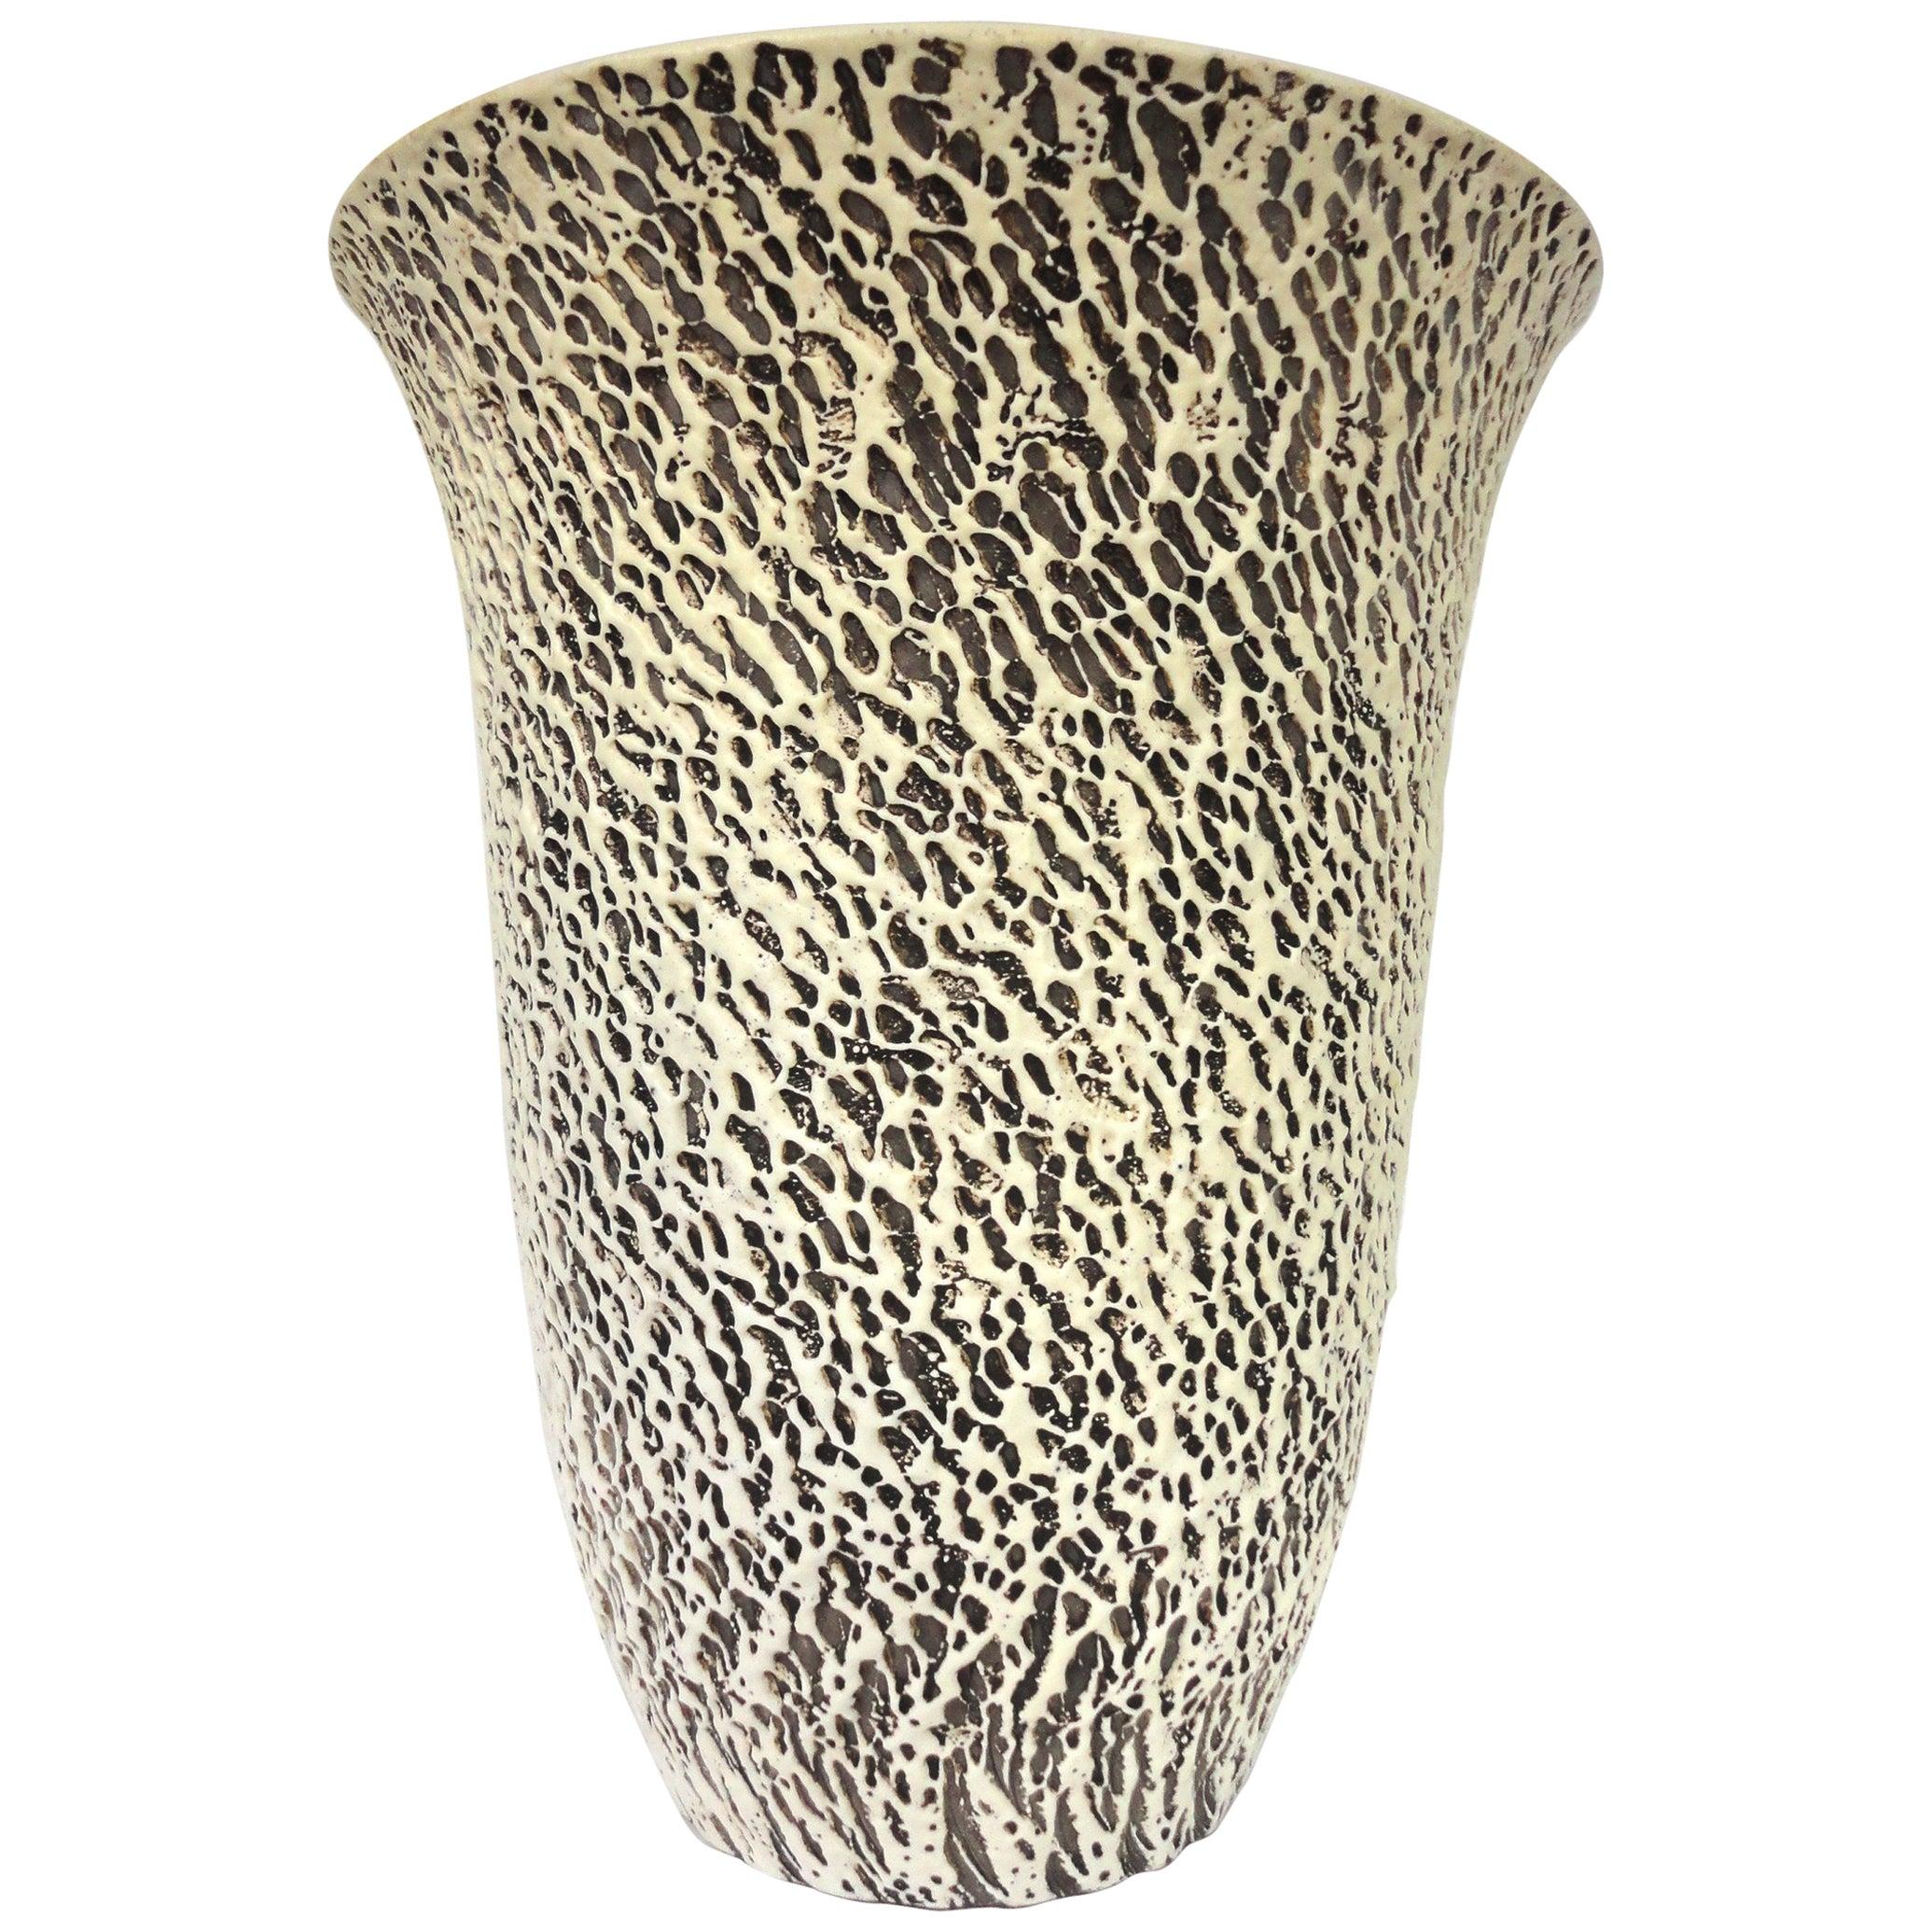 Pol Chambost Large Illuminated Ceramic Vase, France, 1930s